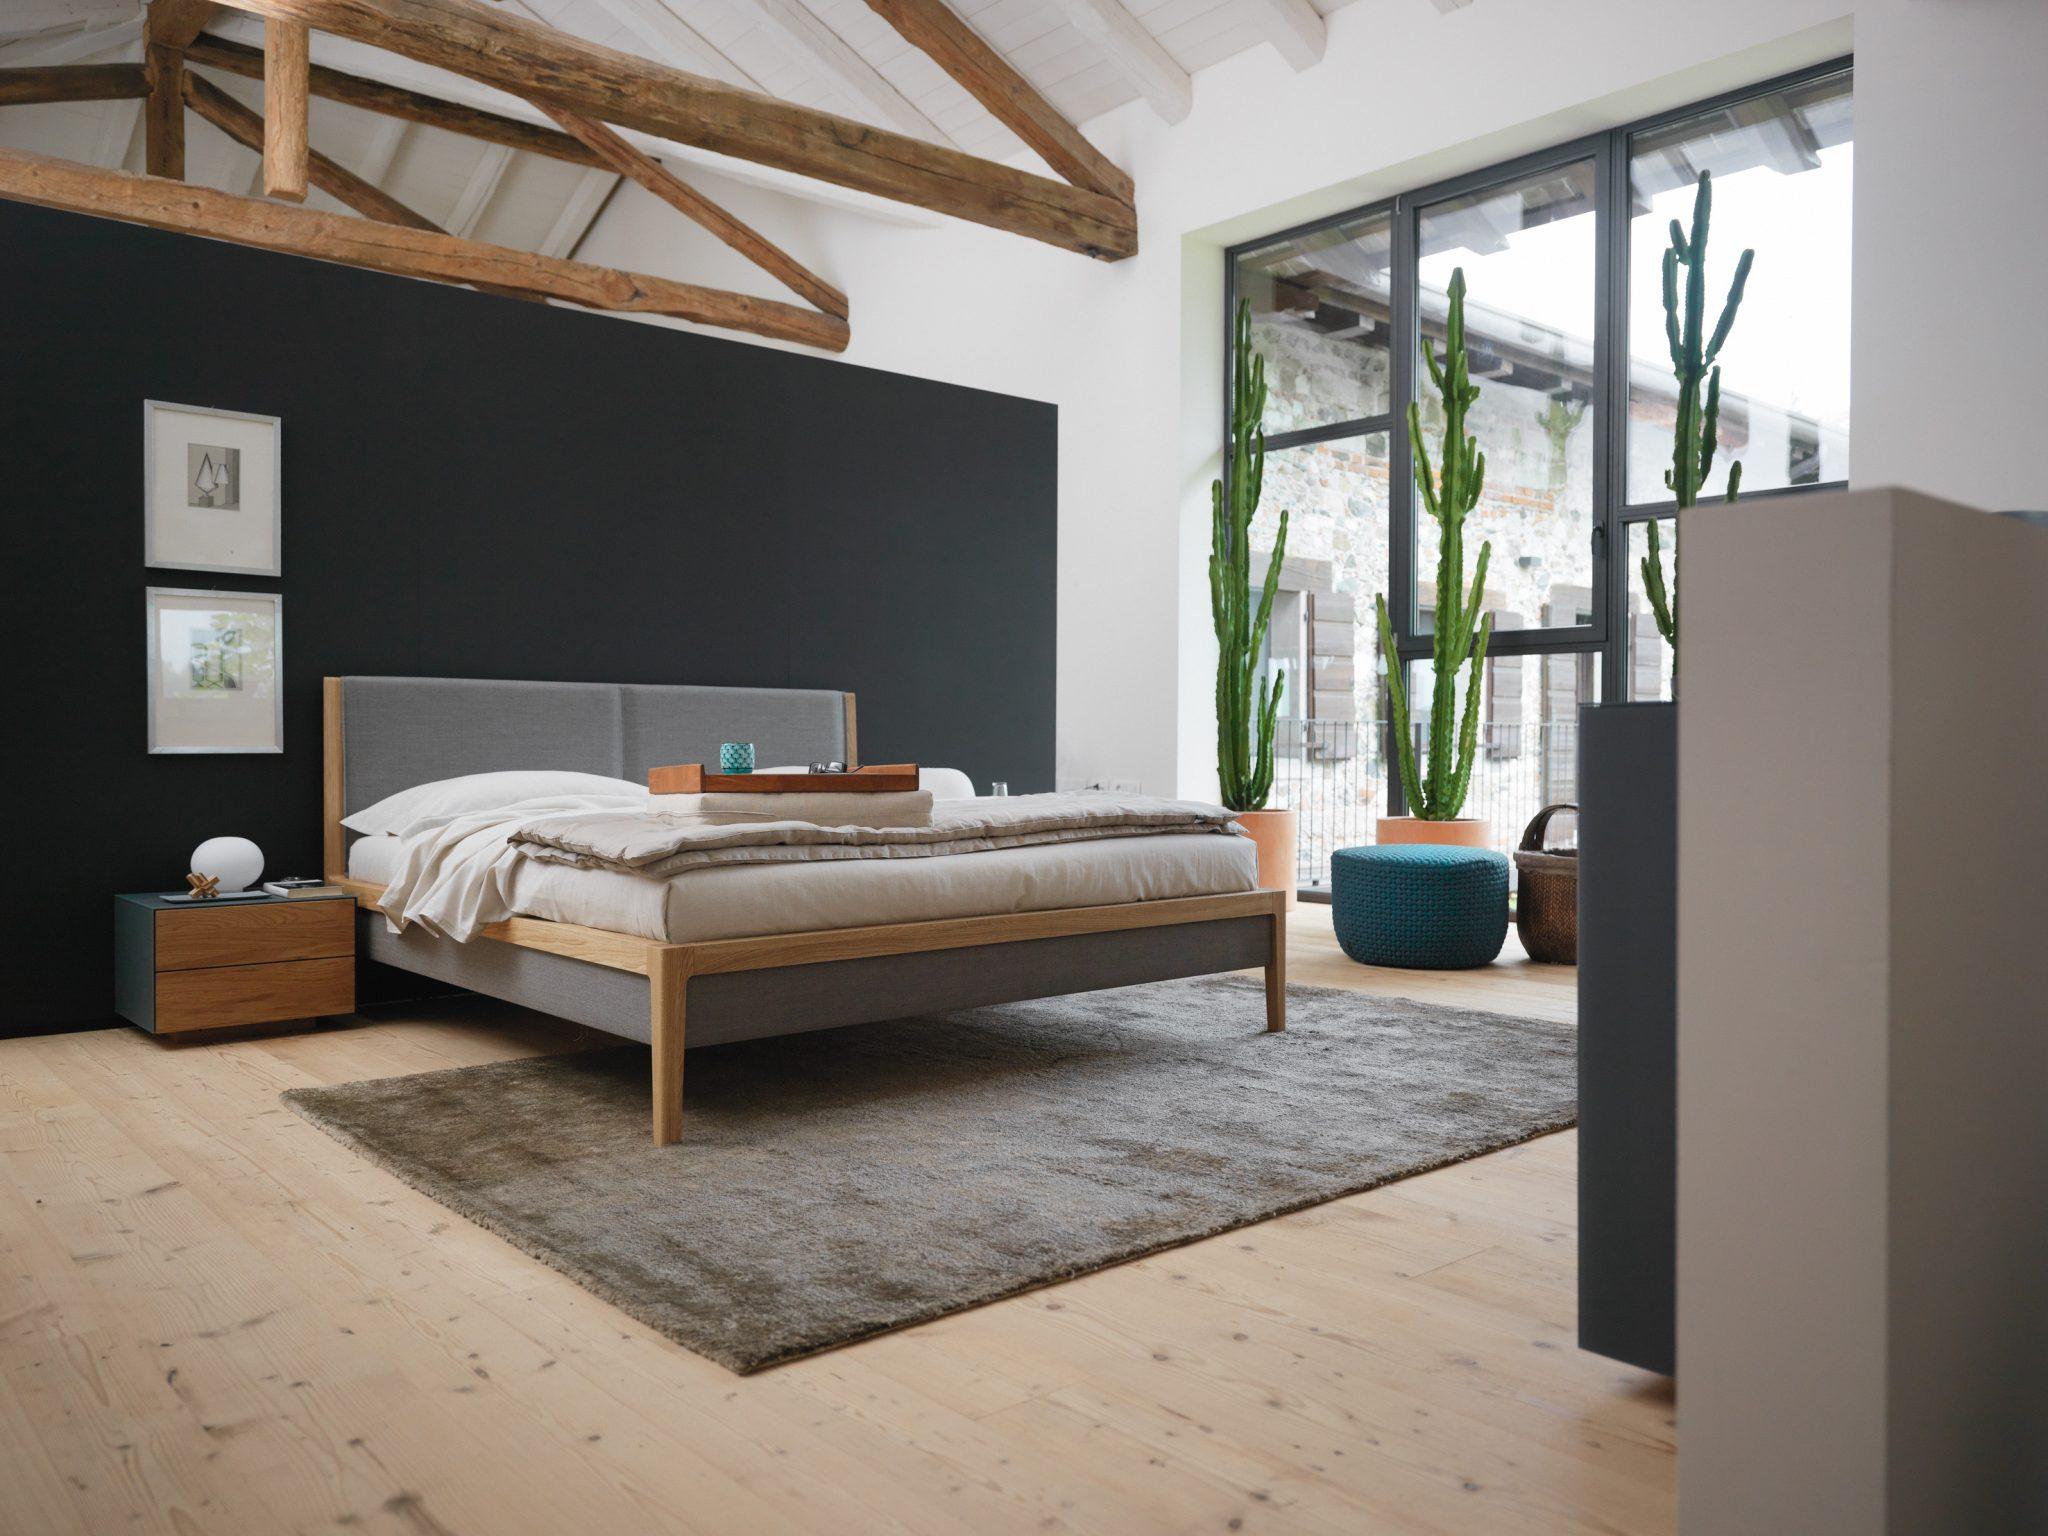 Massivholz Schlafzimmer Wien - Schlafzimmer vollholz